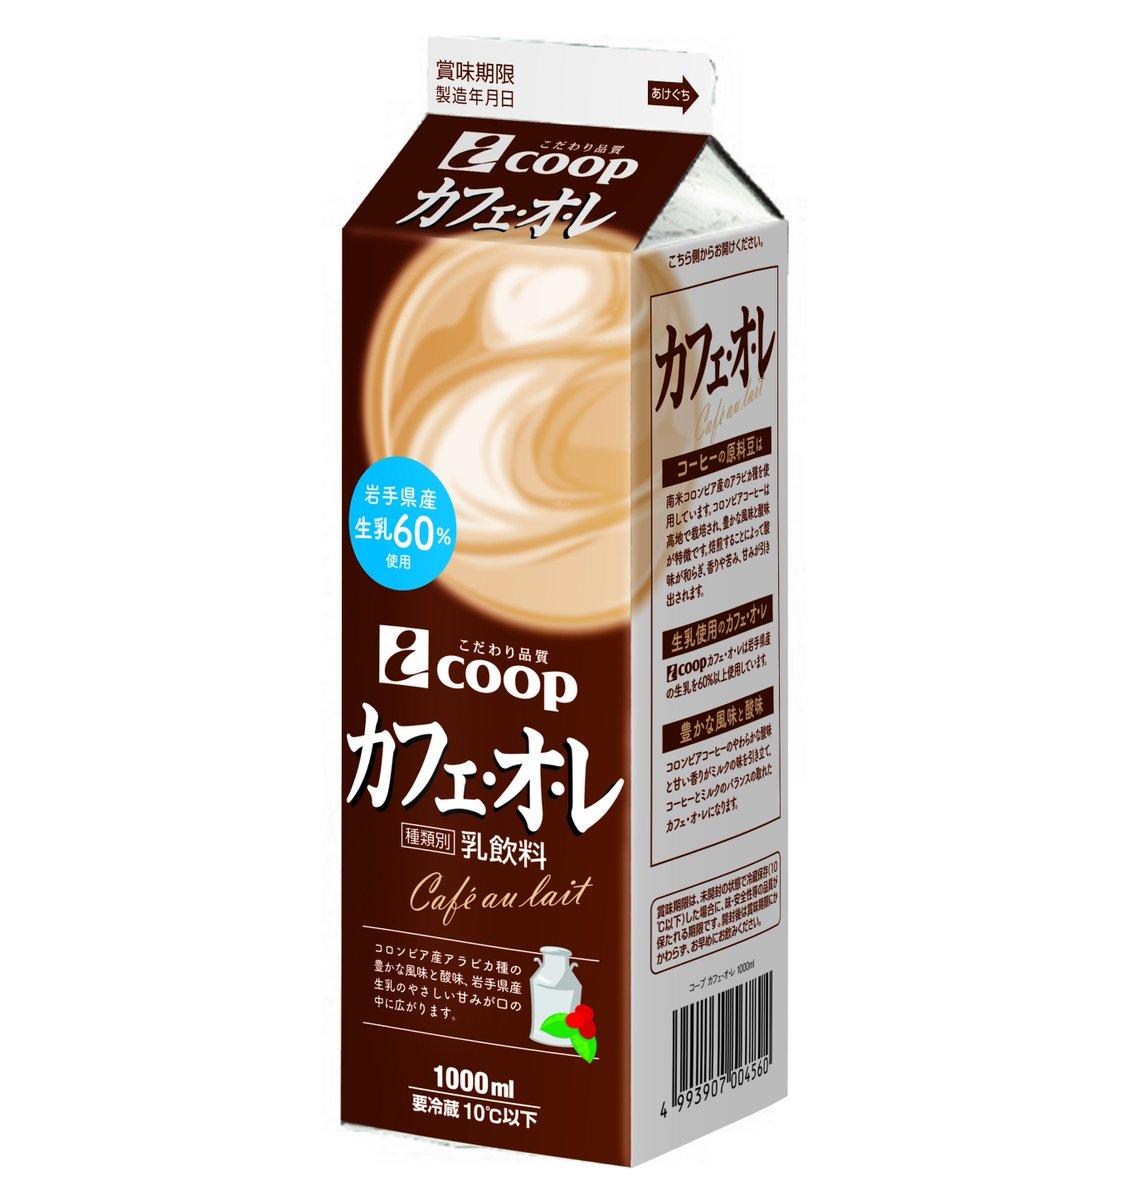 対策 熱中 牛乳 症